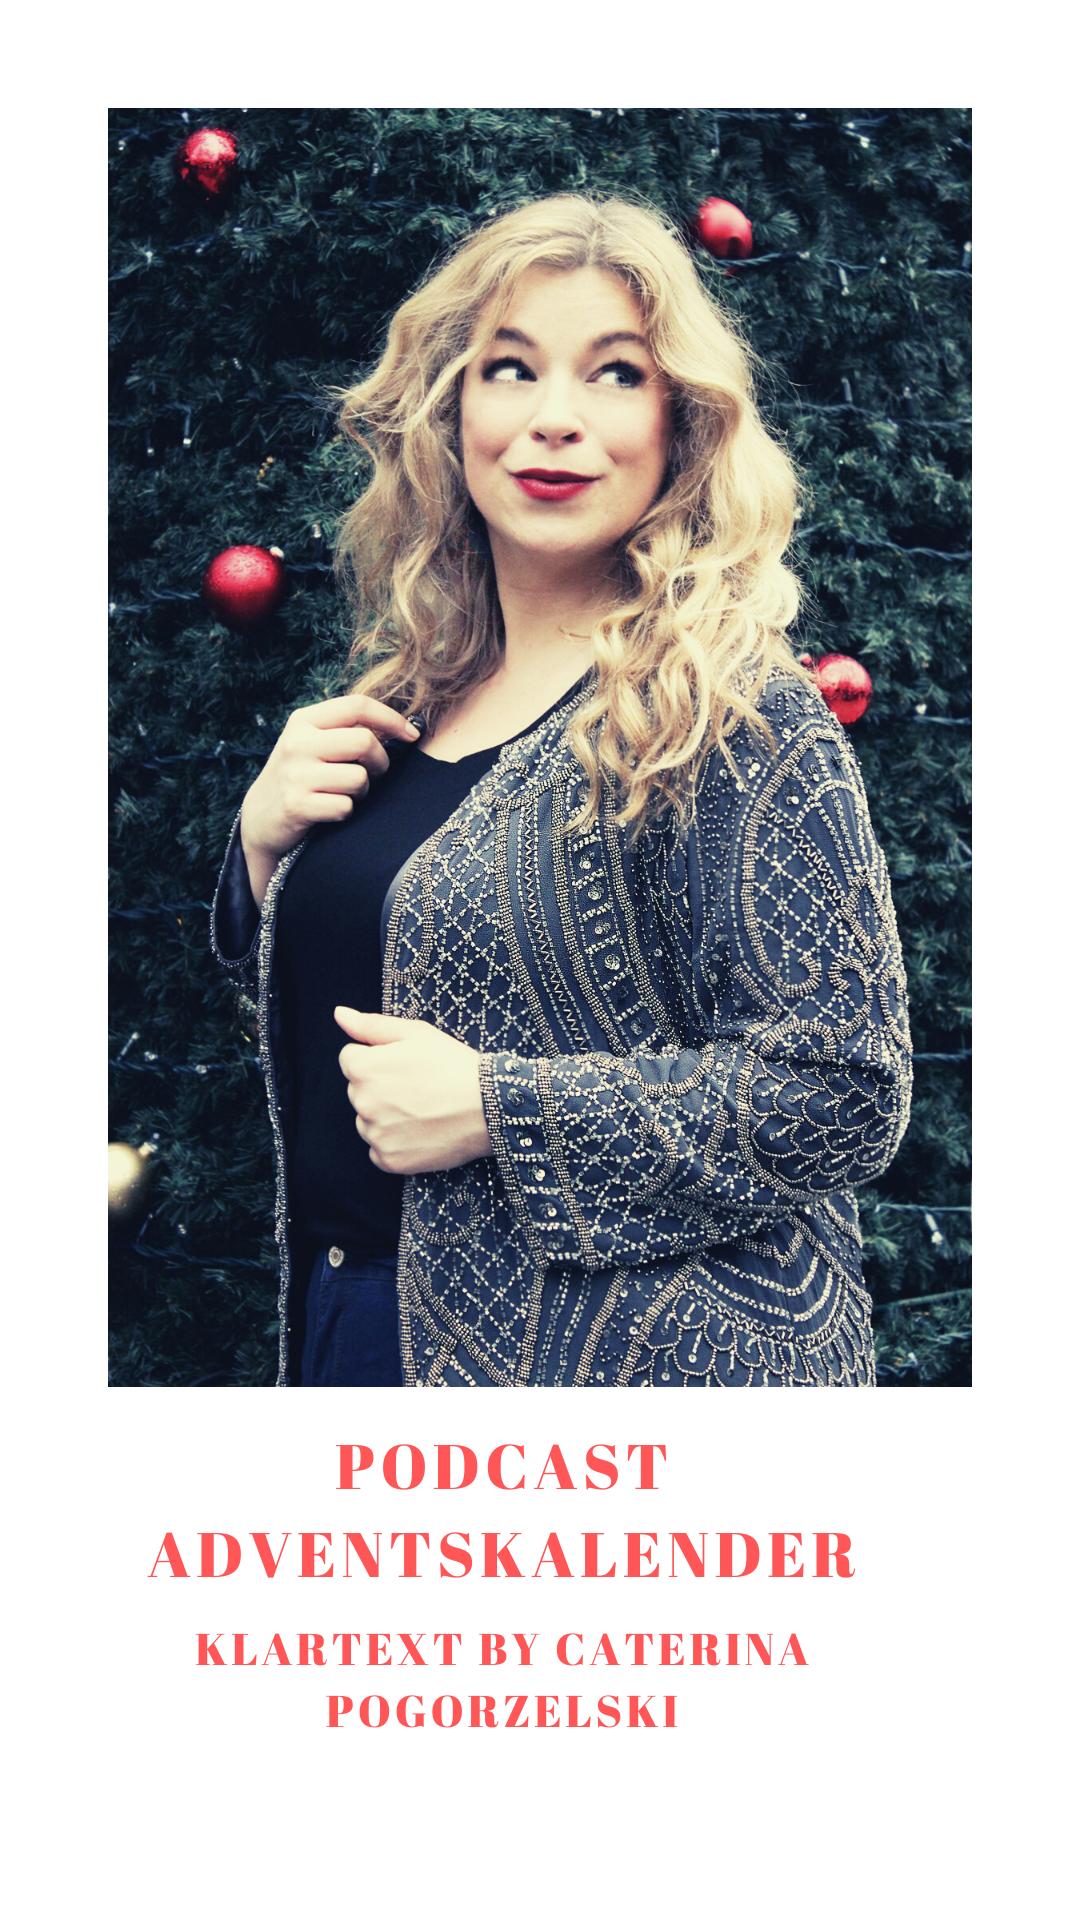 podcast-Adventskalender-Caterina-pogorzelski-Megabambi